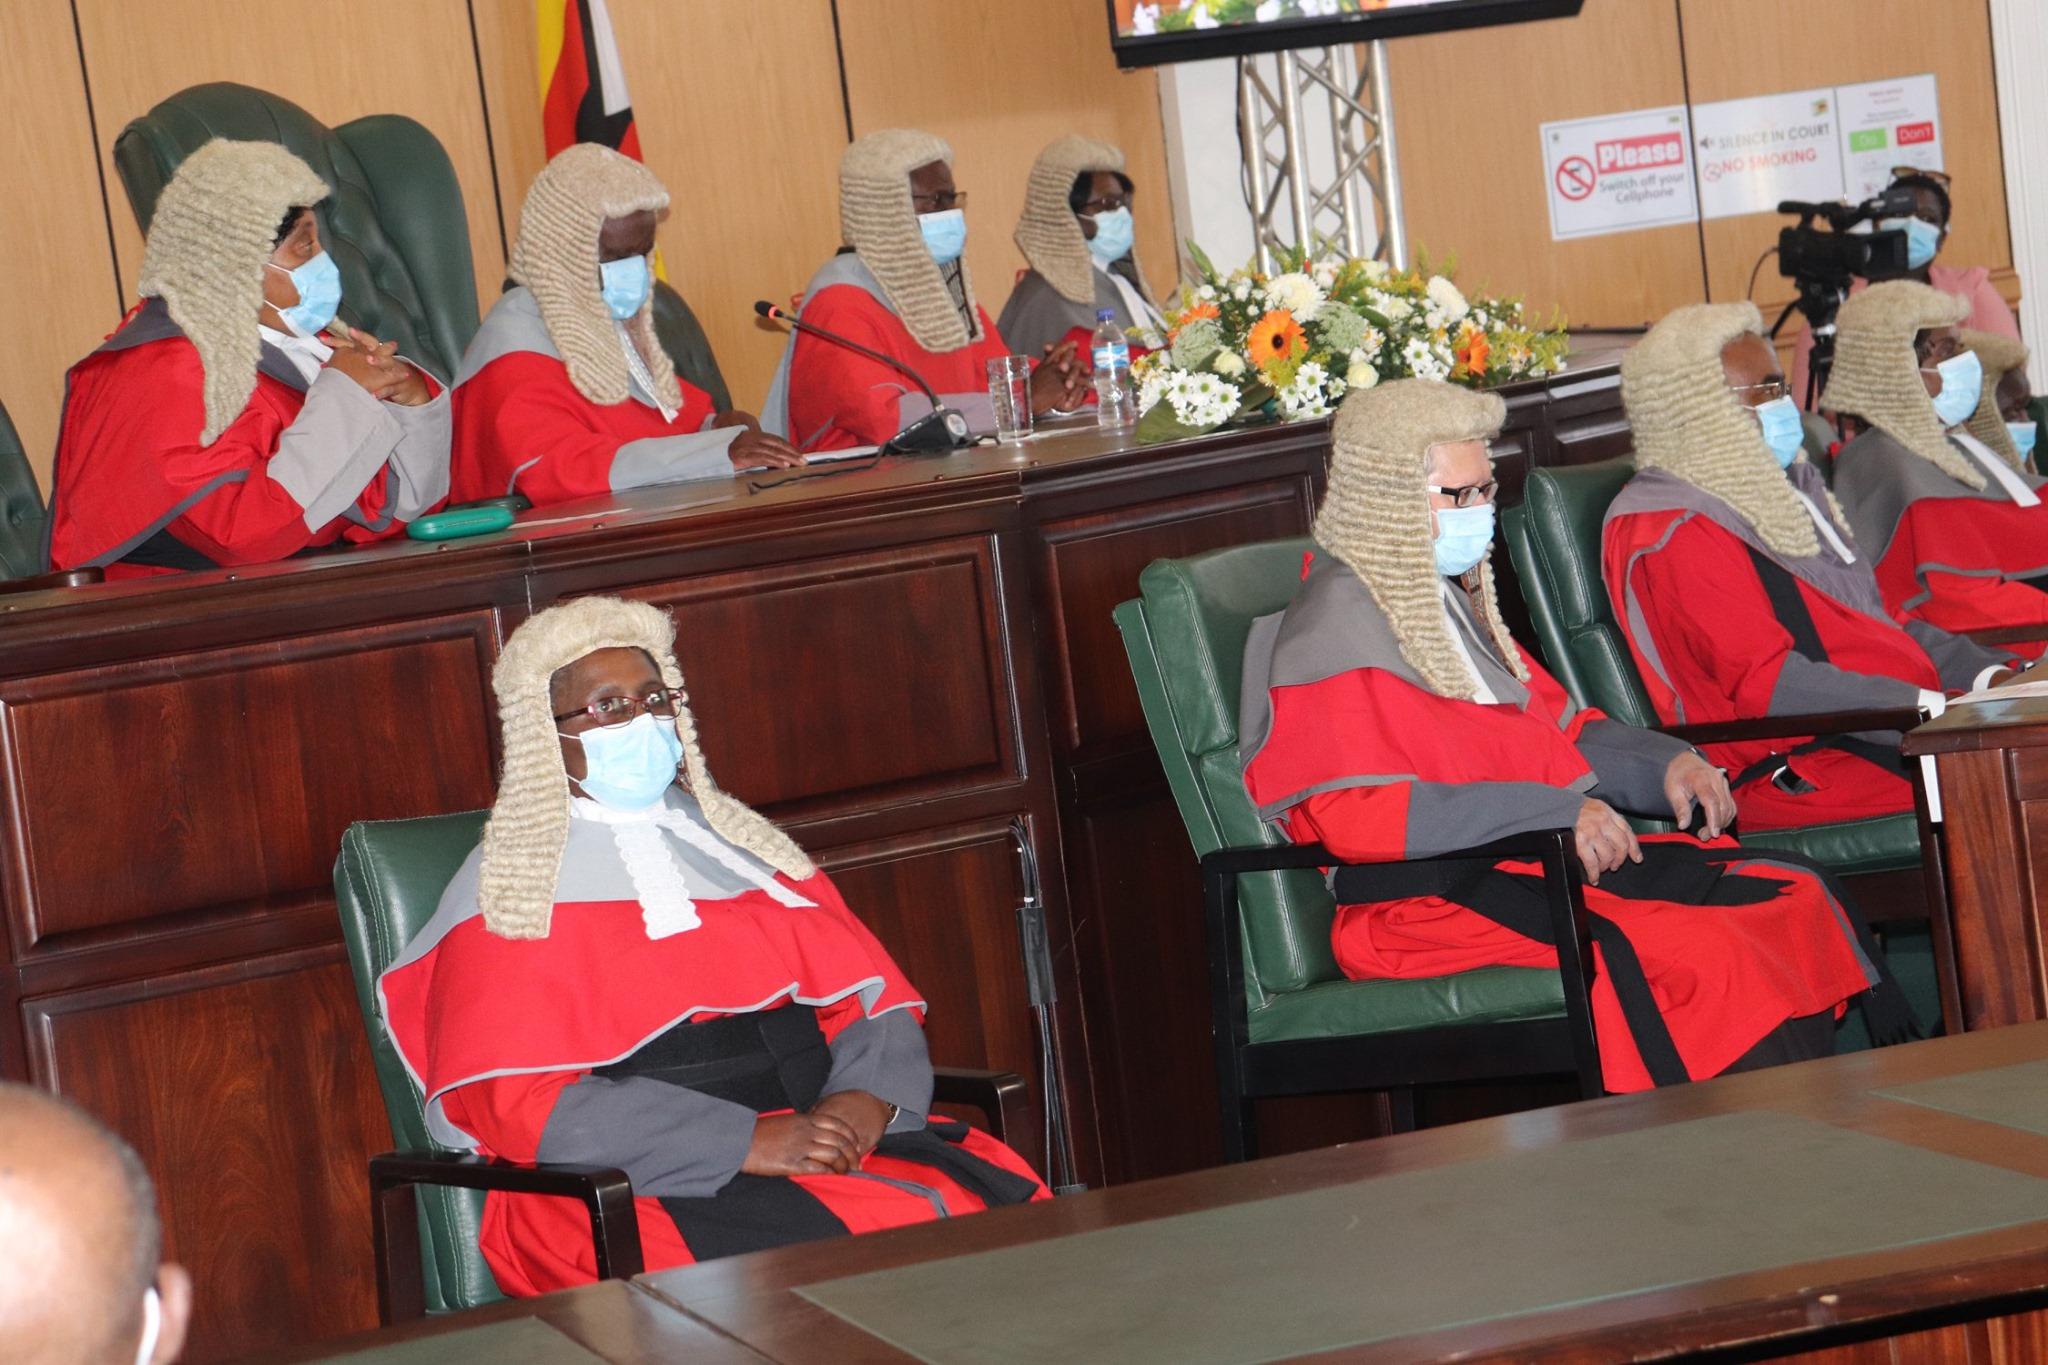 Zimbabwe court rules national pledge unconstitutional